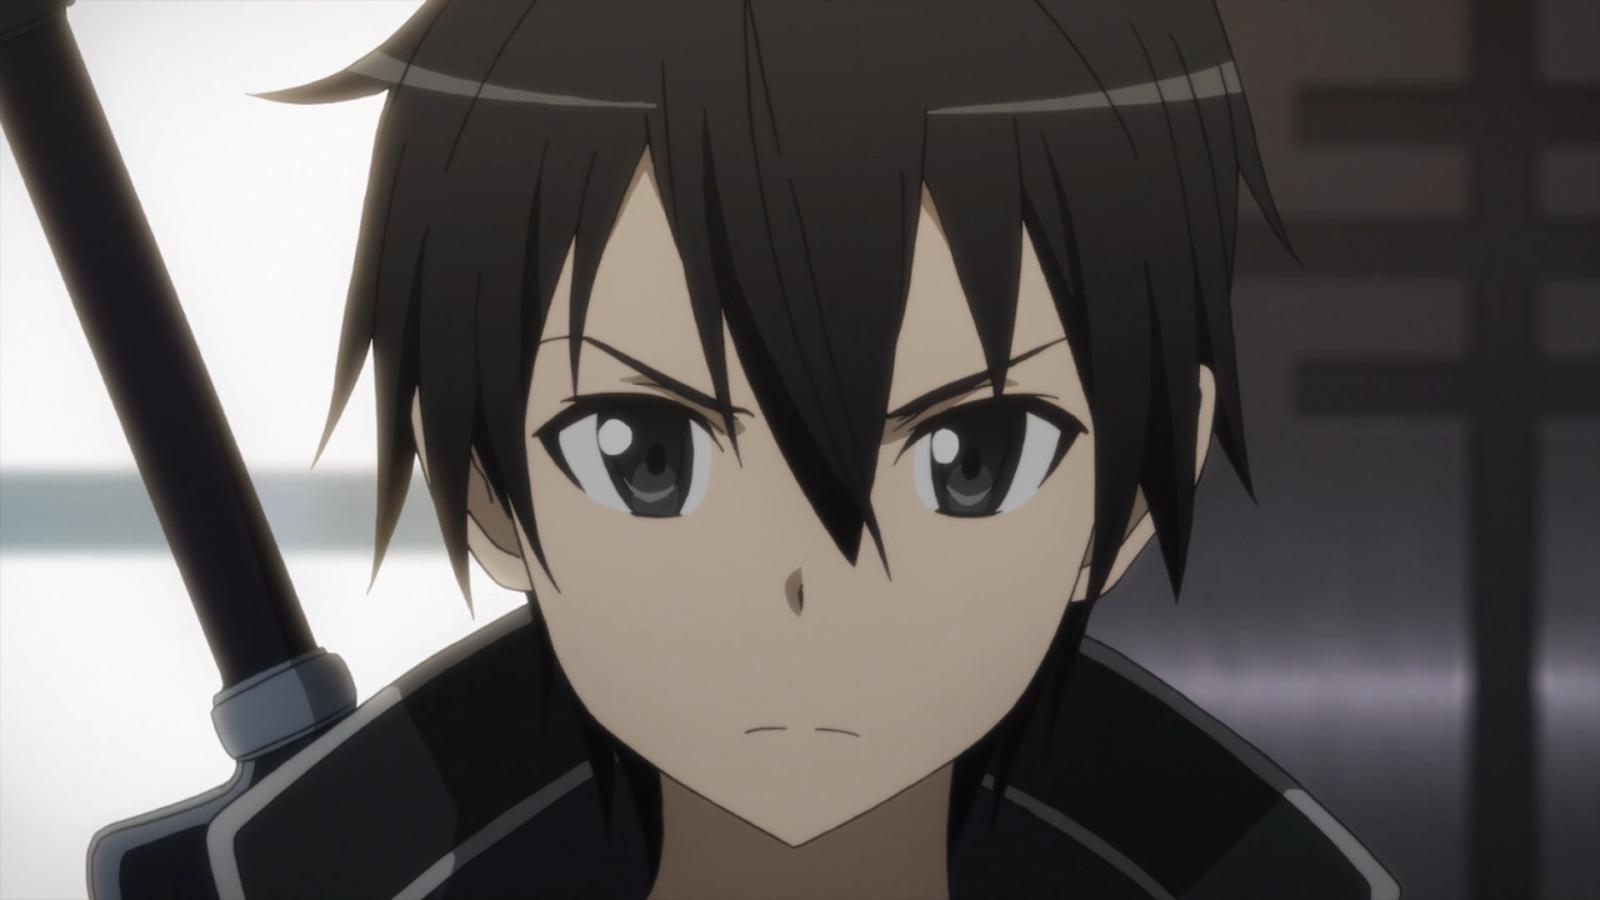 SAO, Kirito, comprar novelas ligeras Sword Art Online.